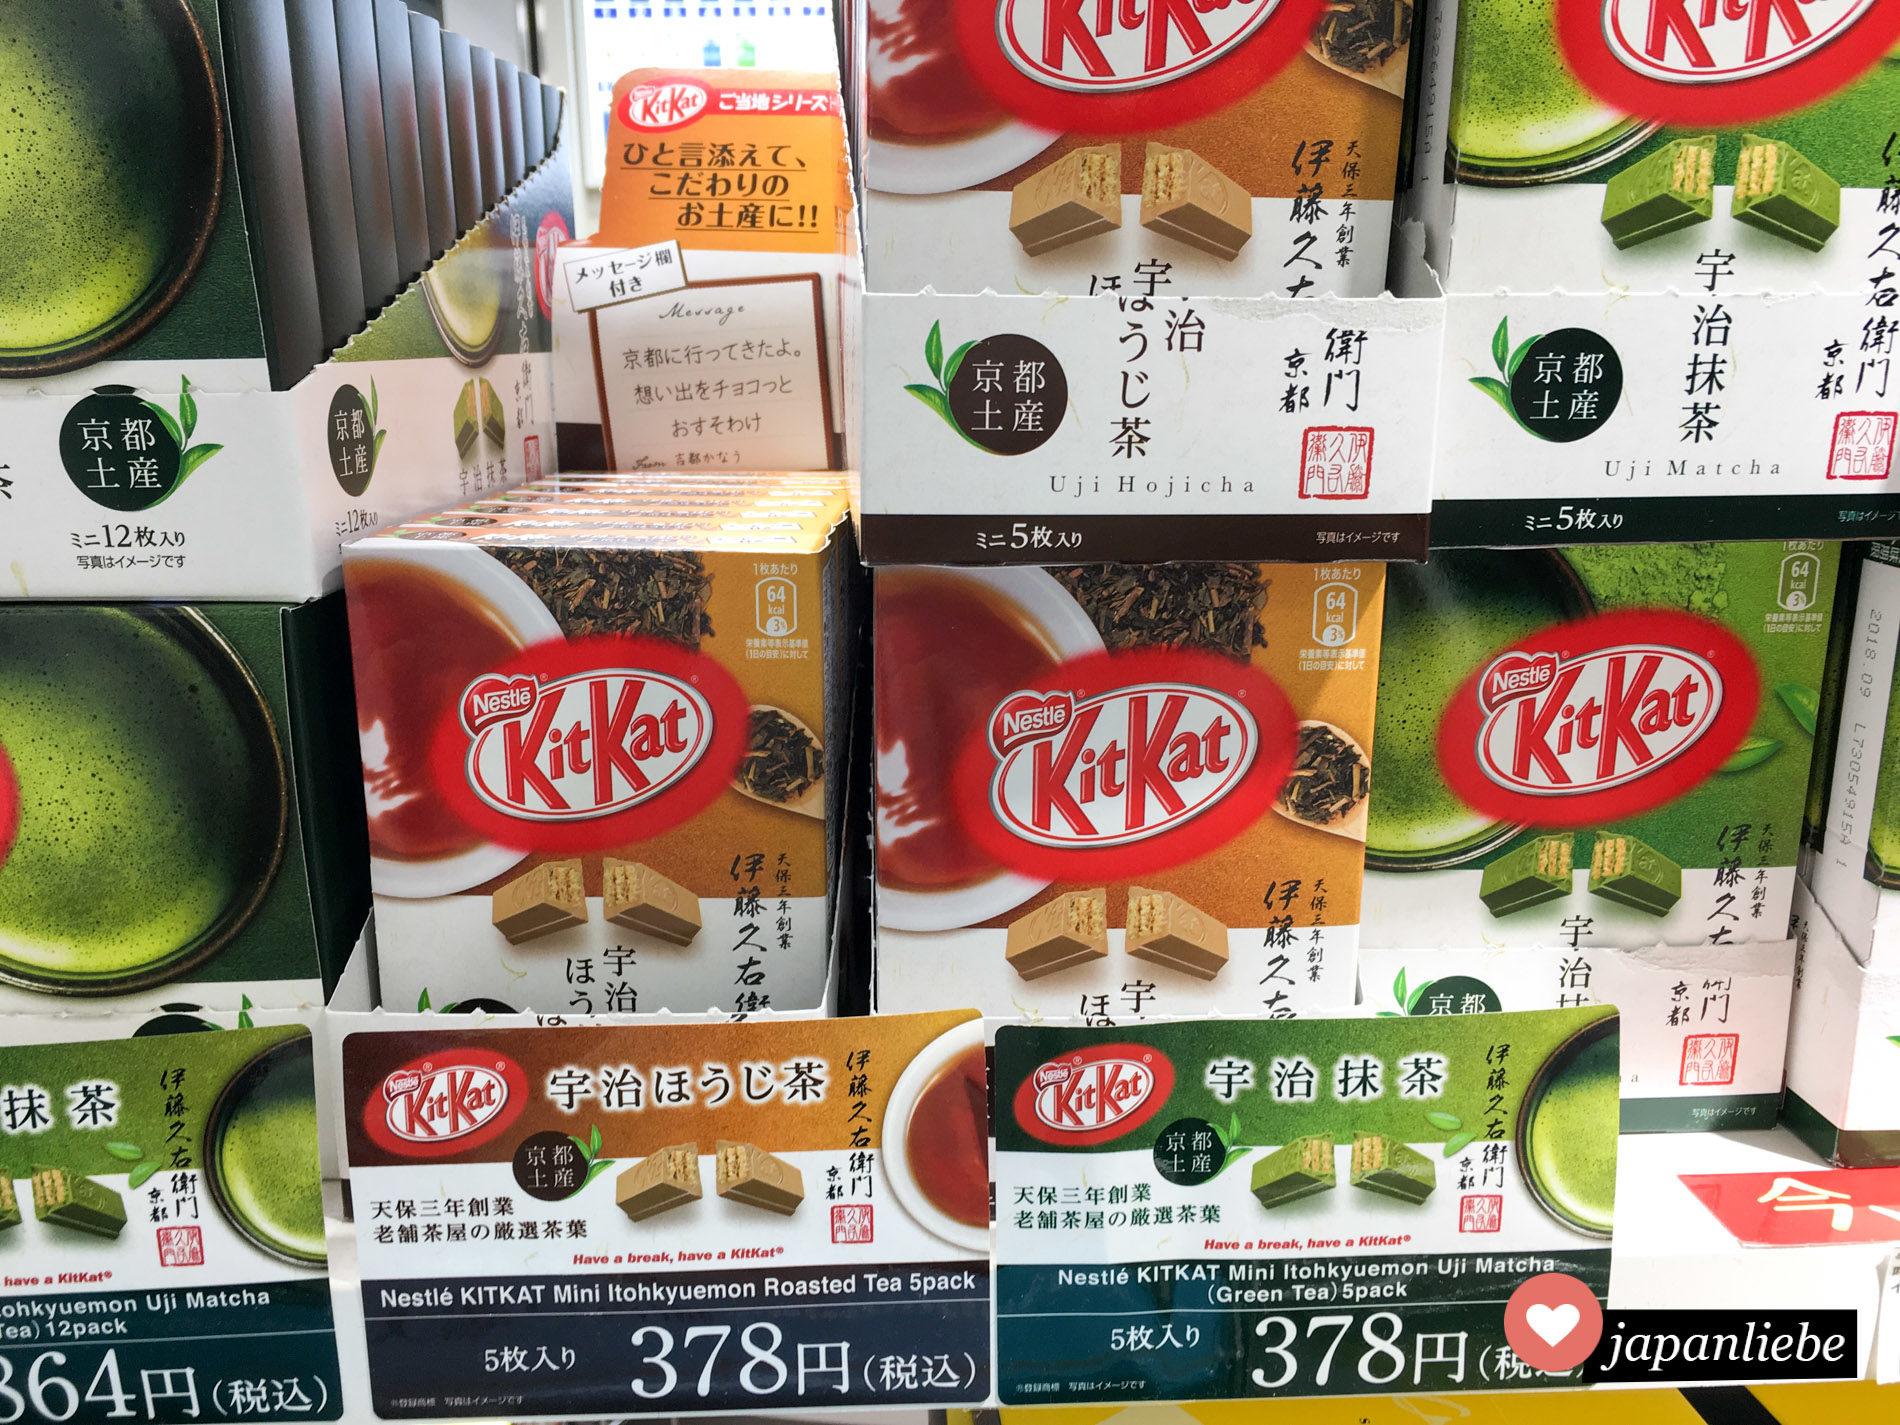 """Ein Regal voller KitKat-Schokoriegel in den Sorten """"Roasted Tea"""" und """"Uji Matcha""""."""